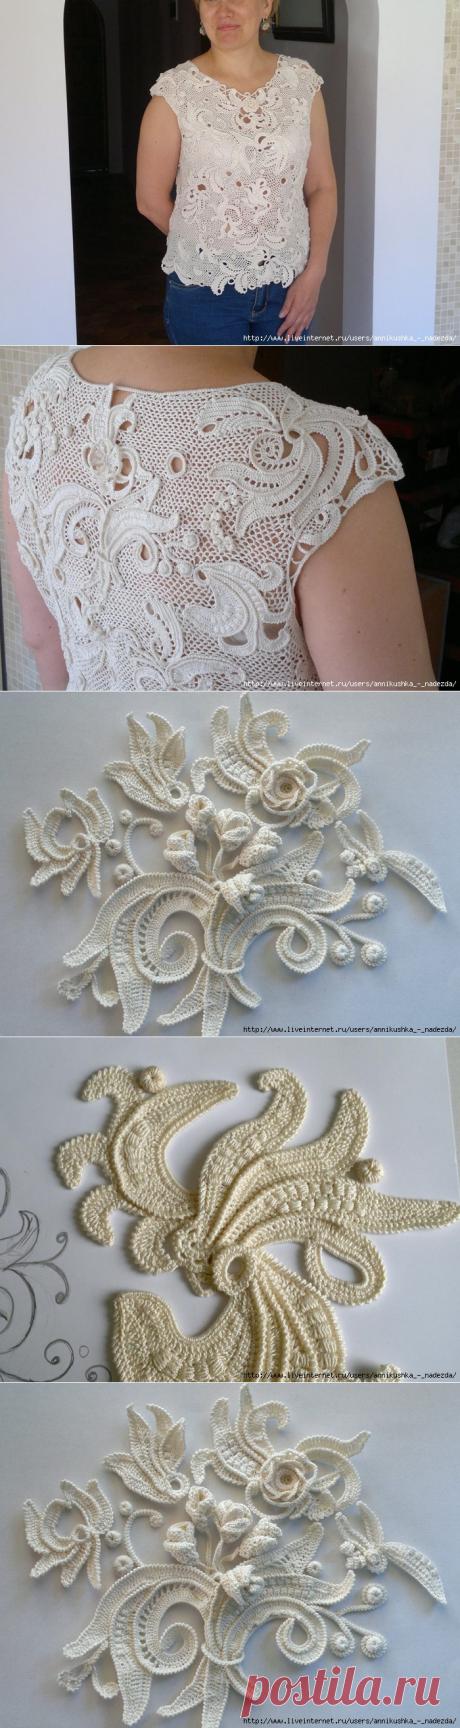 Необыкновенная кофточка от Лады Сергеевой, рисуем крючком!